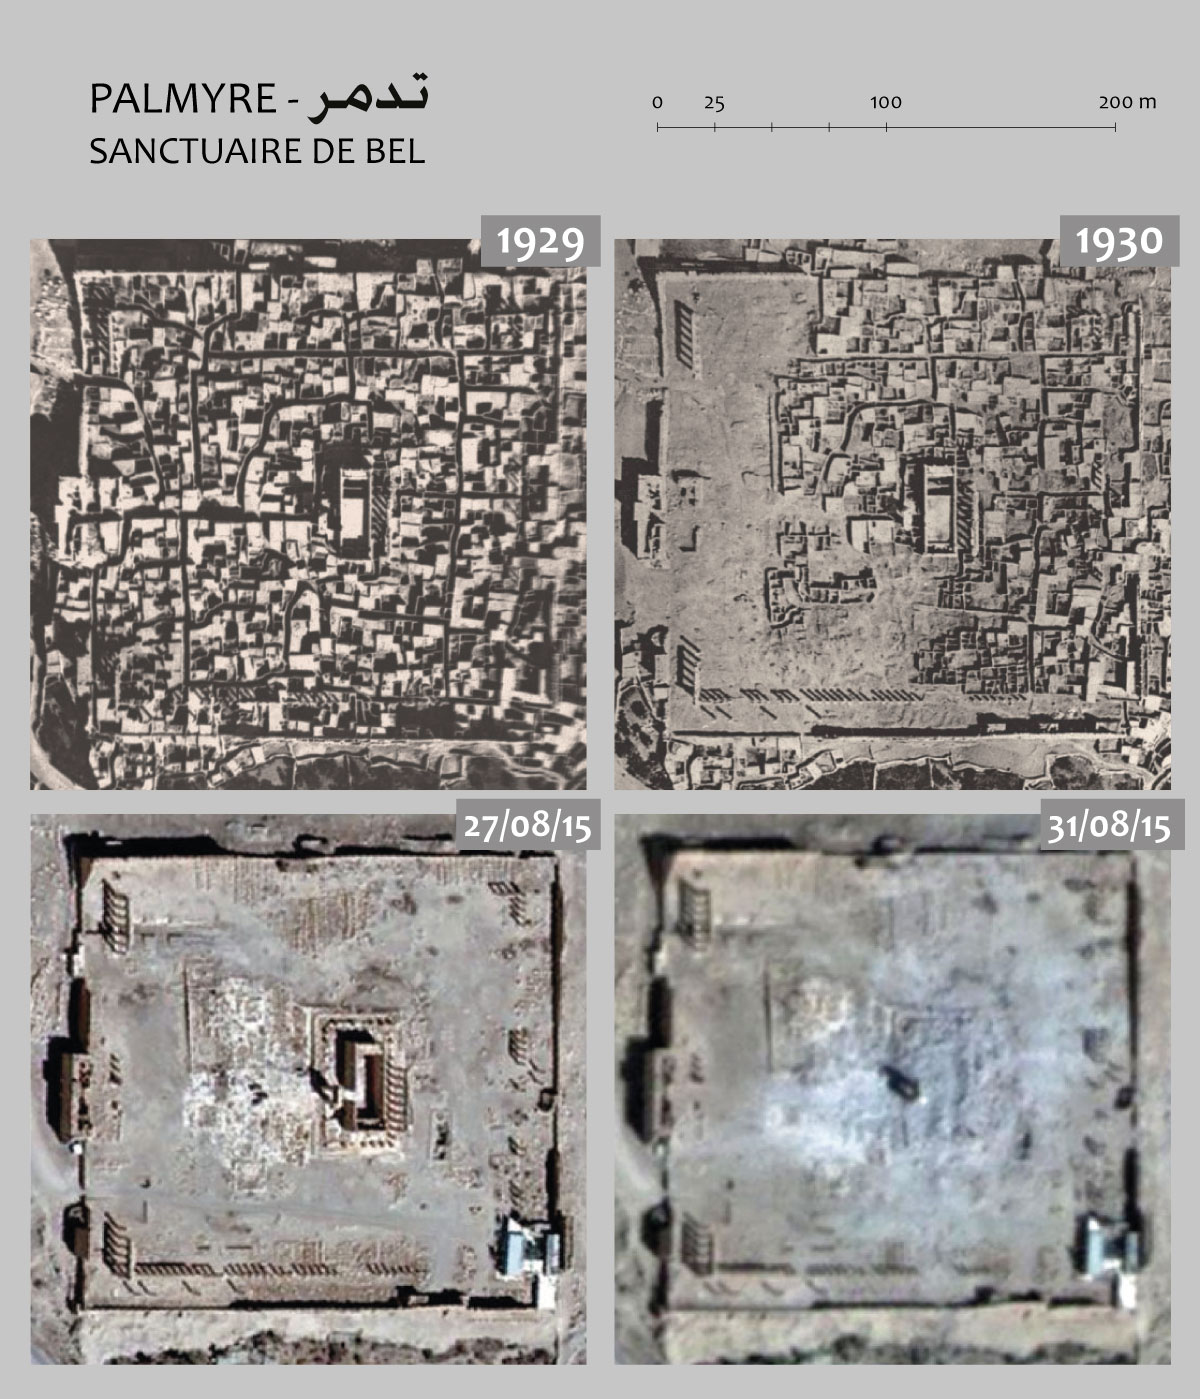 Fig. 7 : Vues aériennes du sanctuaire de Bel, avant et en cours de dégagement (clichés Ifpo), avant et après sa destruction (clichés satellitaire Unitar-Unosat des 27 et 31 août 2015). Montage Ifpo.